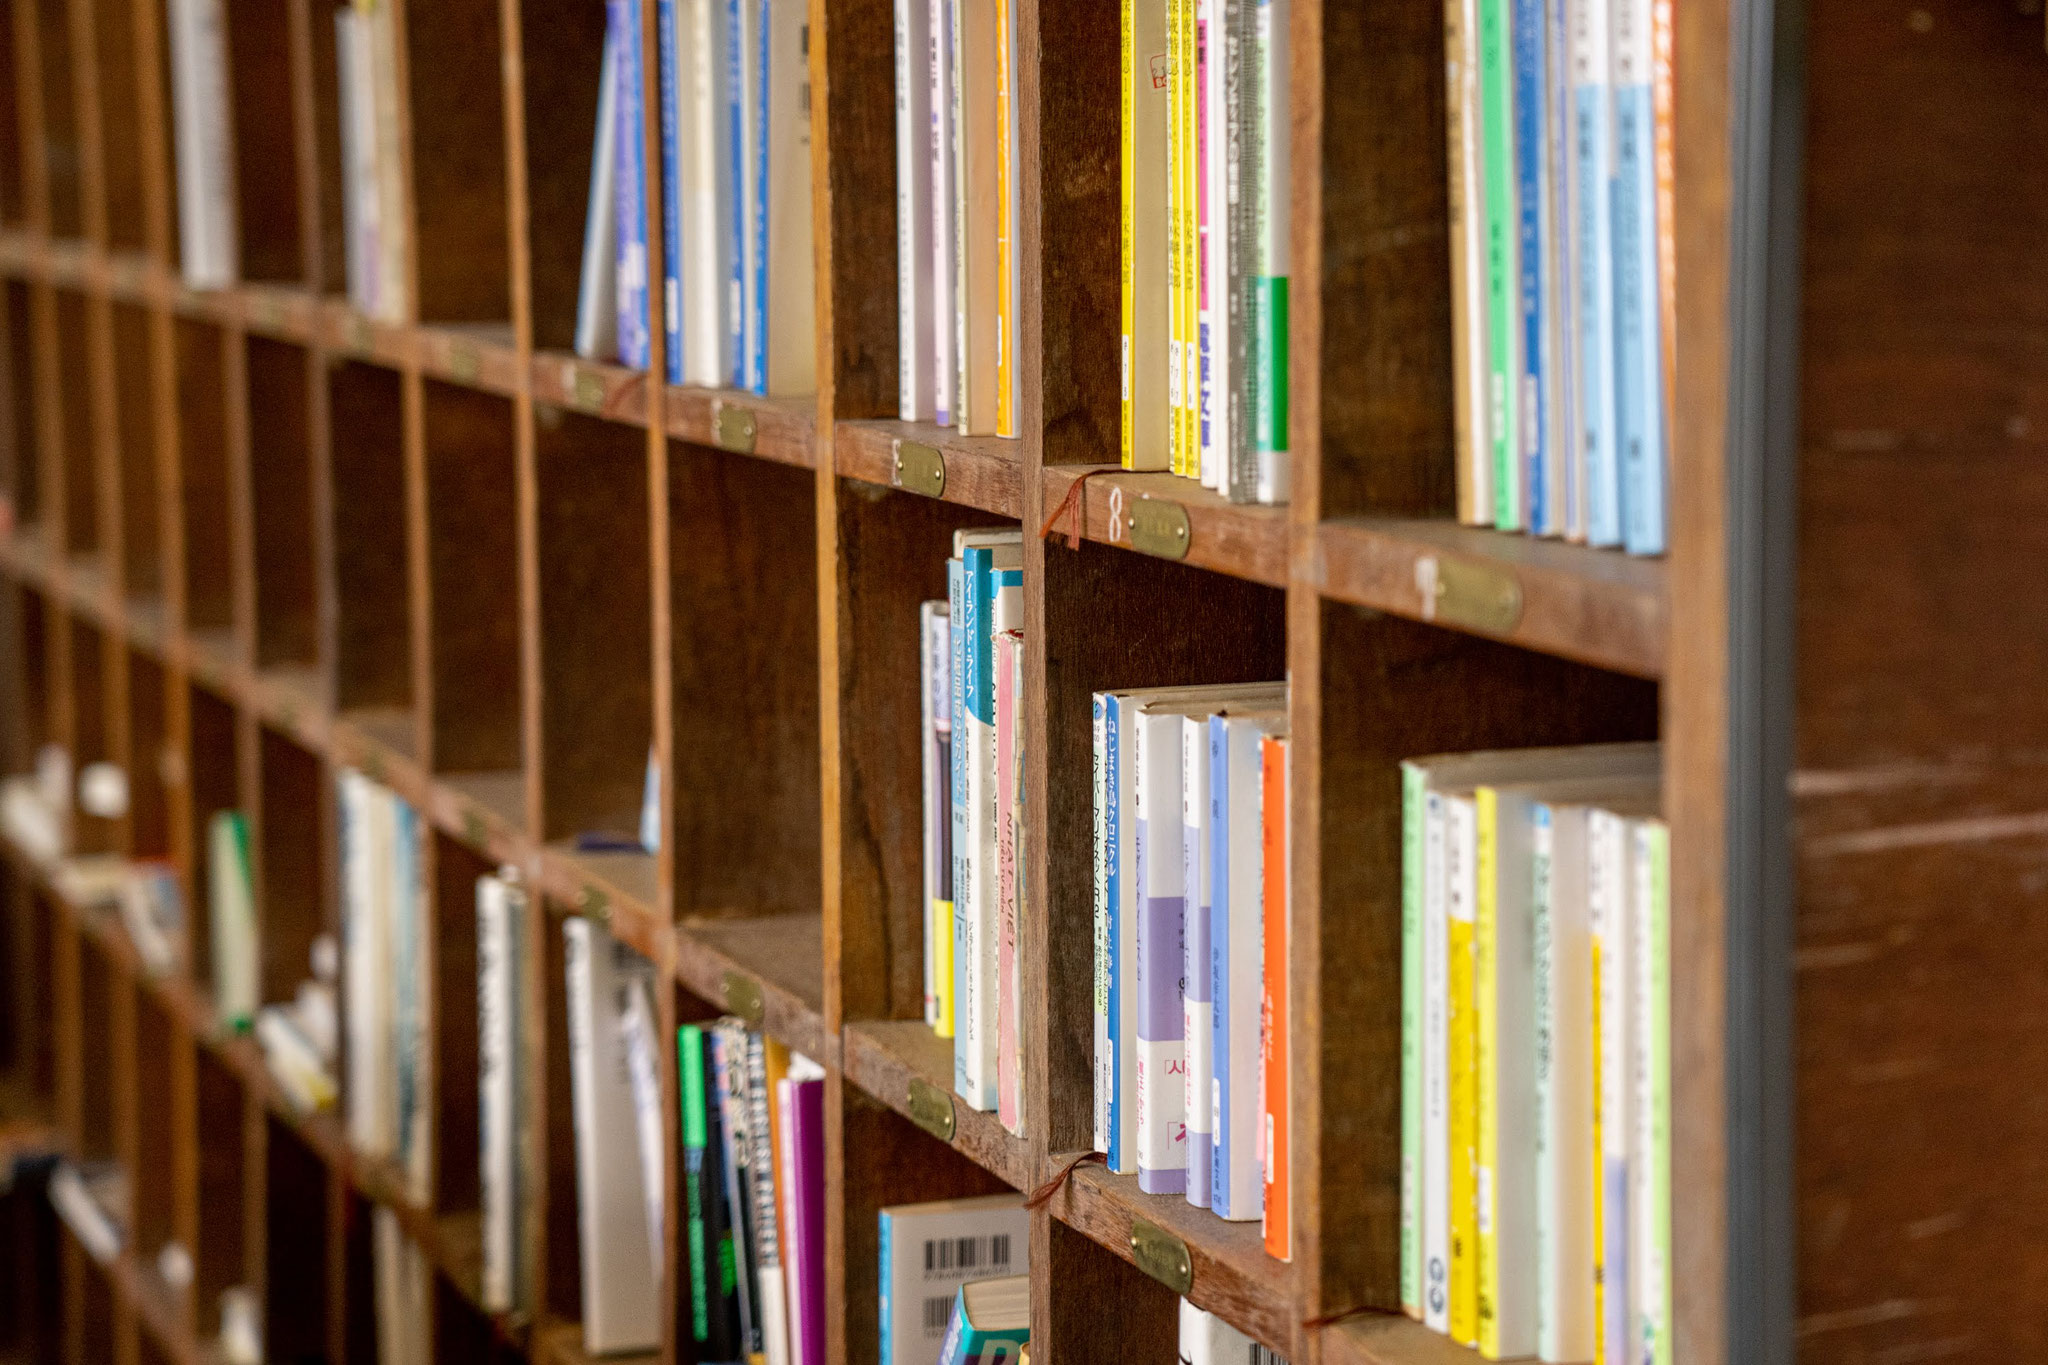 靴箱が蔵書豊富な本棚に変わり